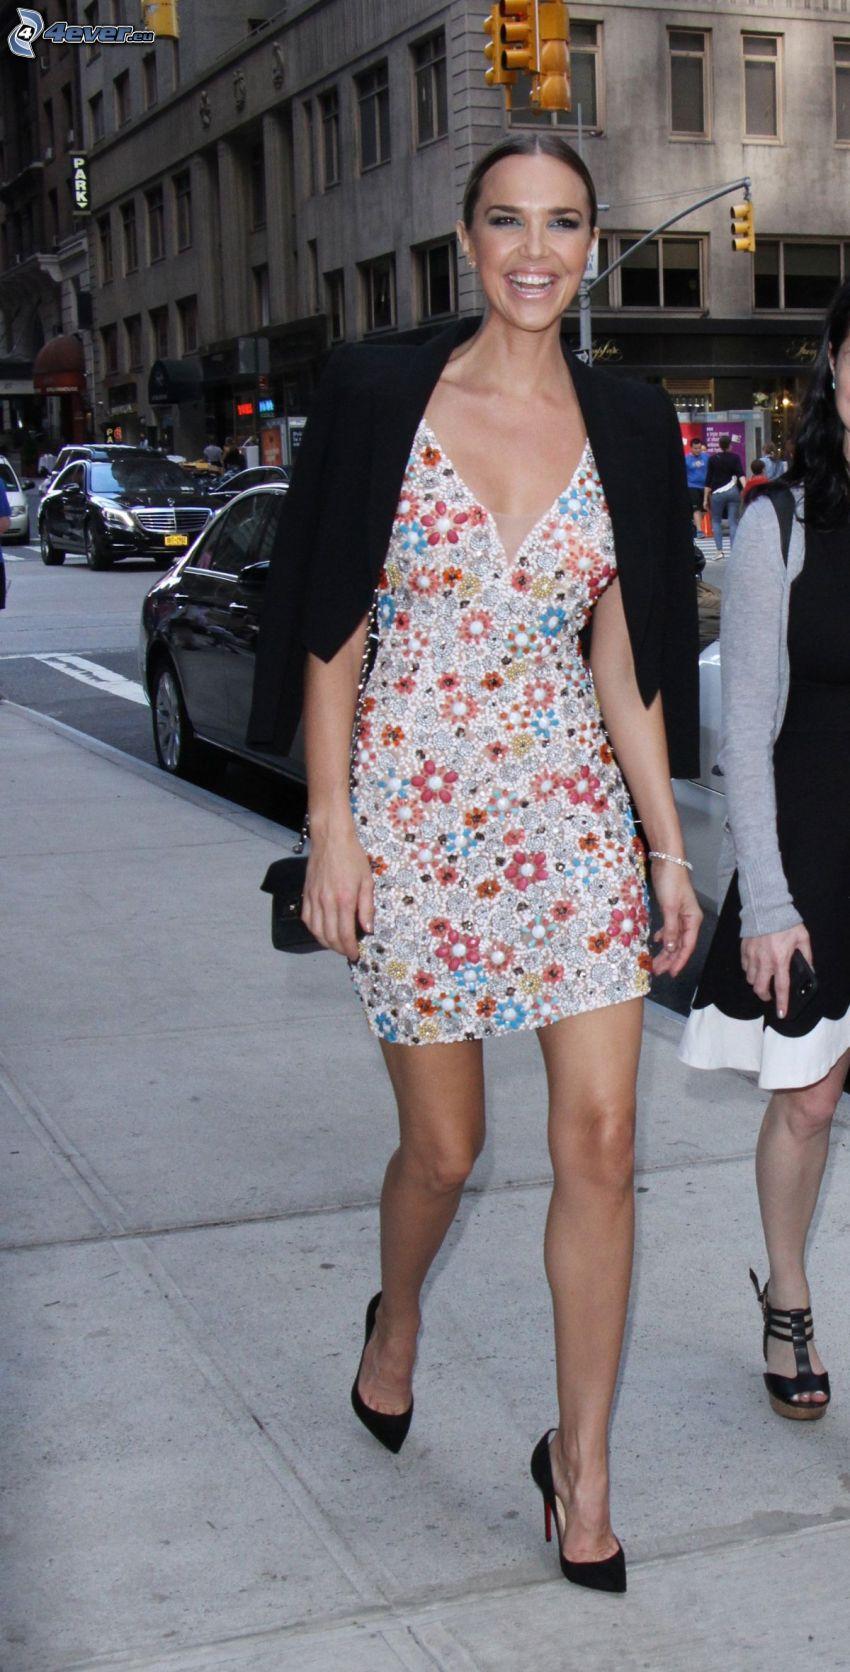 Arielle Kebbel, risa, zapatos con tacón, vestido de flores, calle